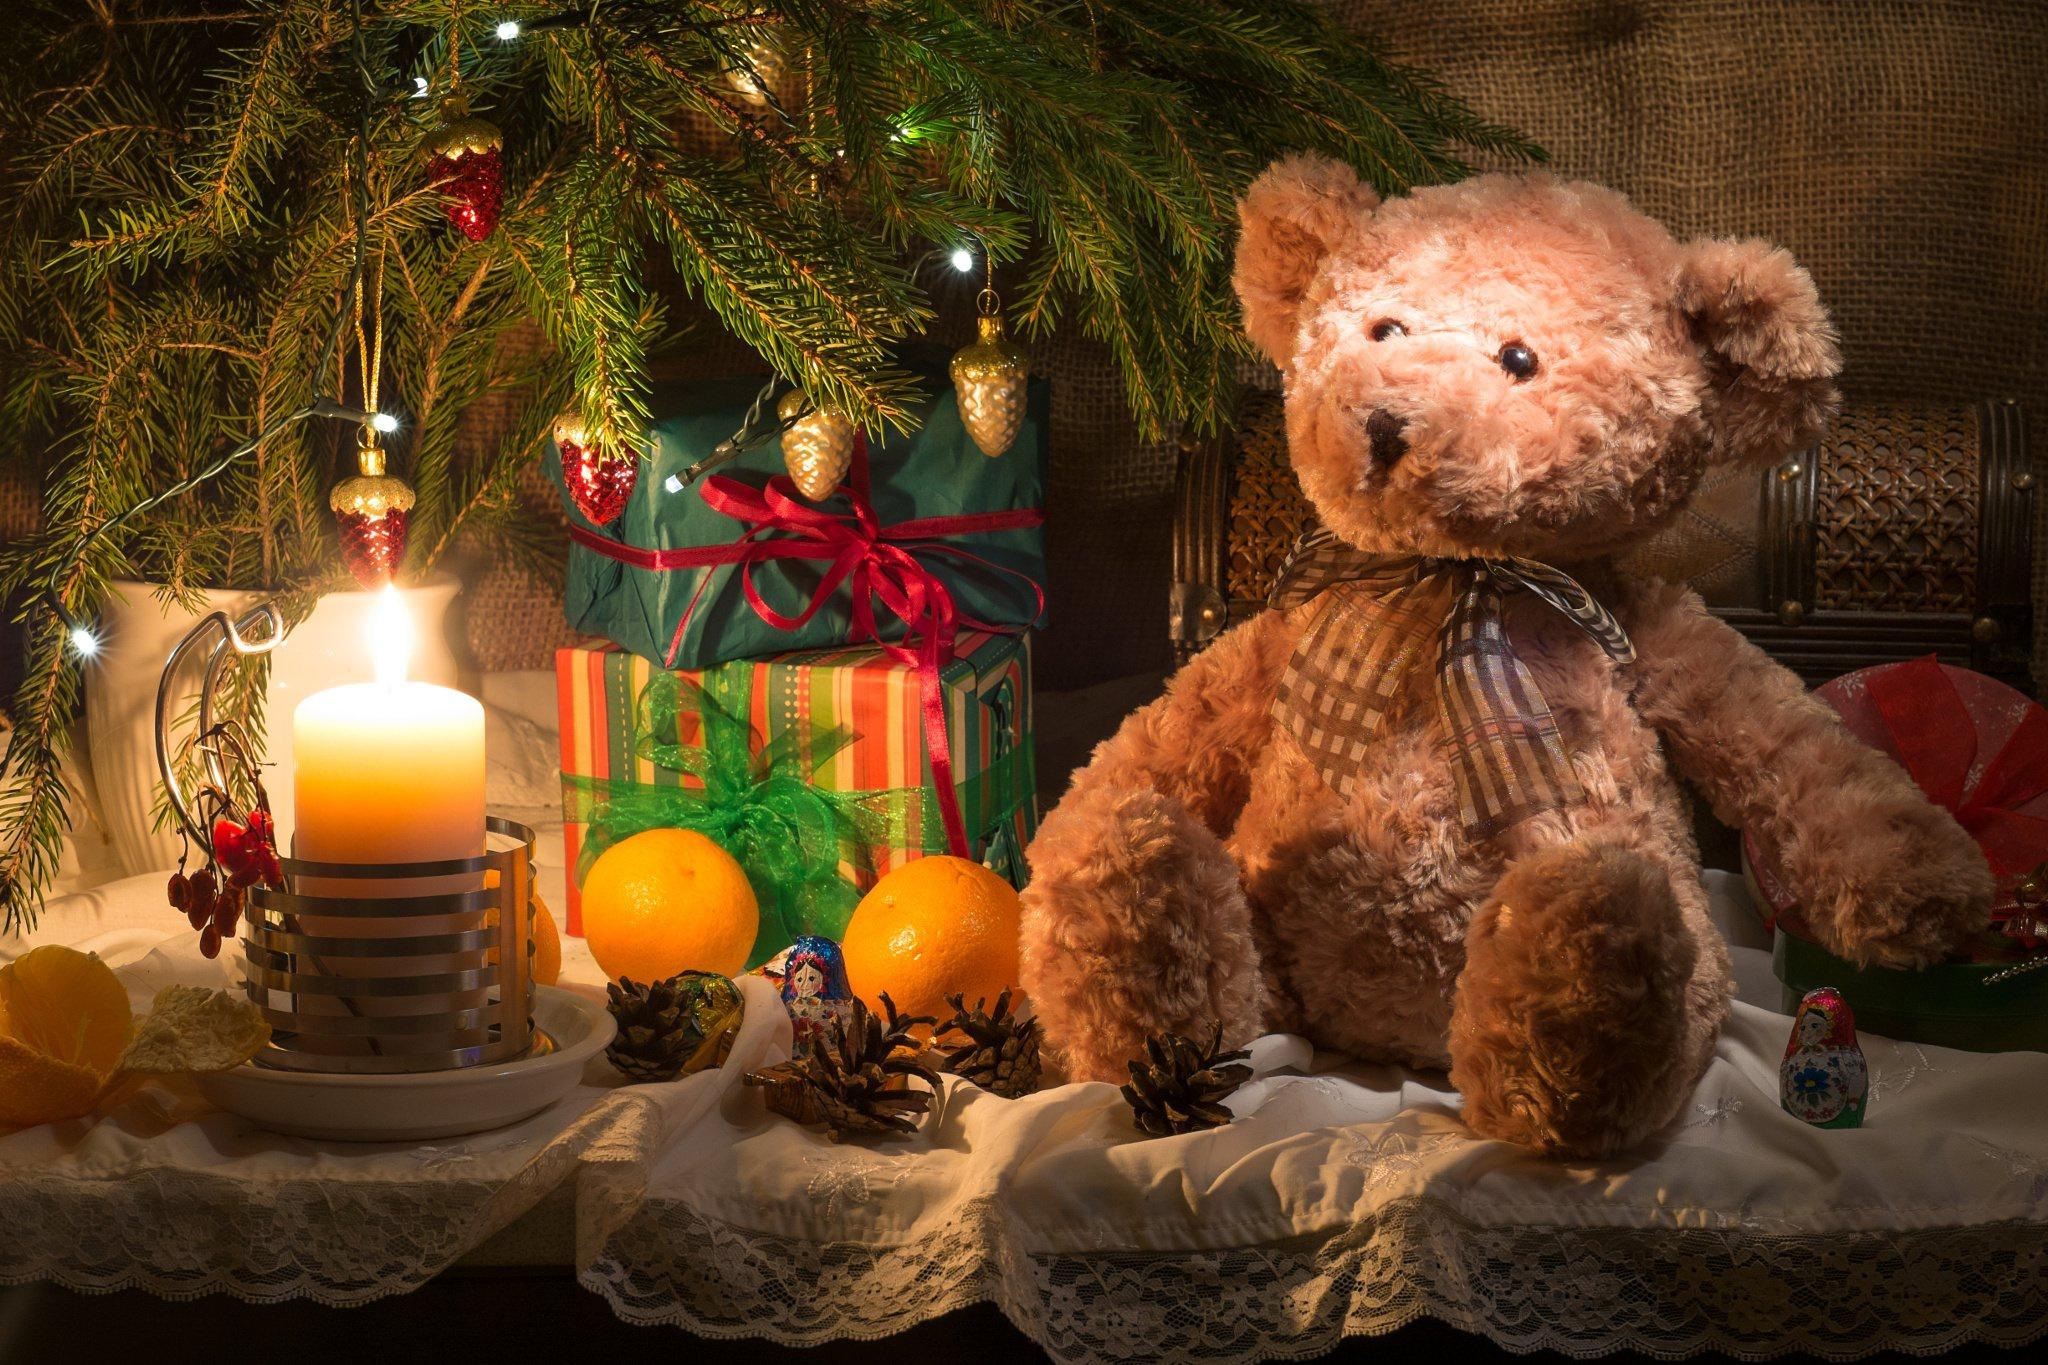 того, как новый год картинки на рабочий стол игрушки январе телеканале